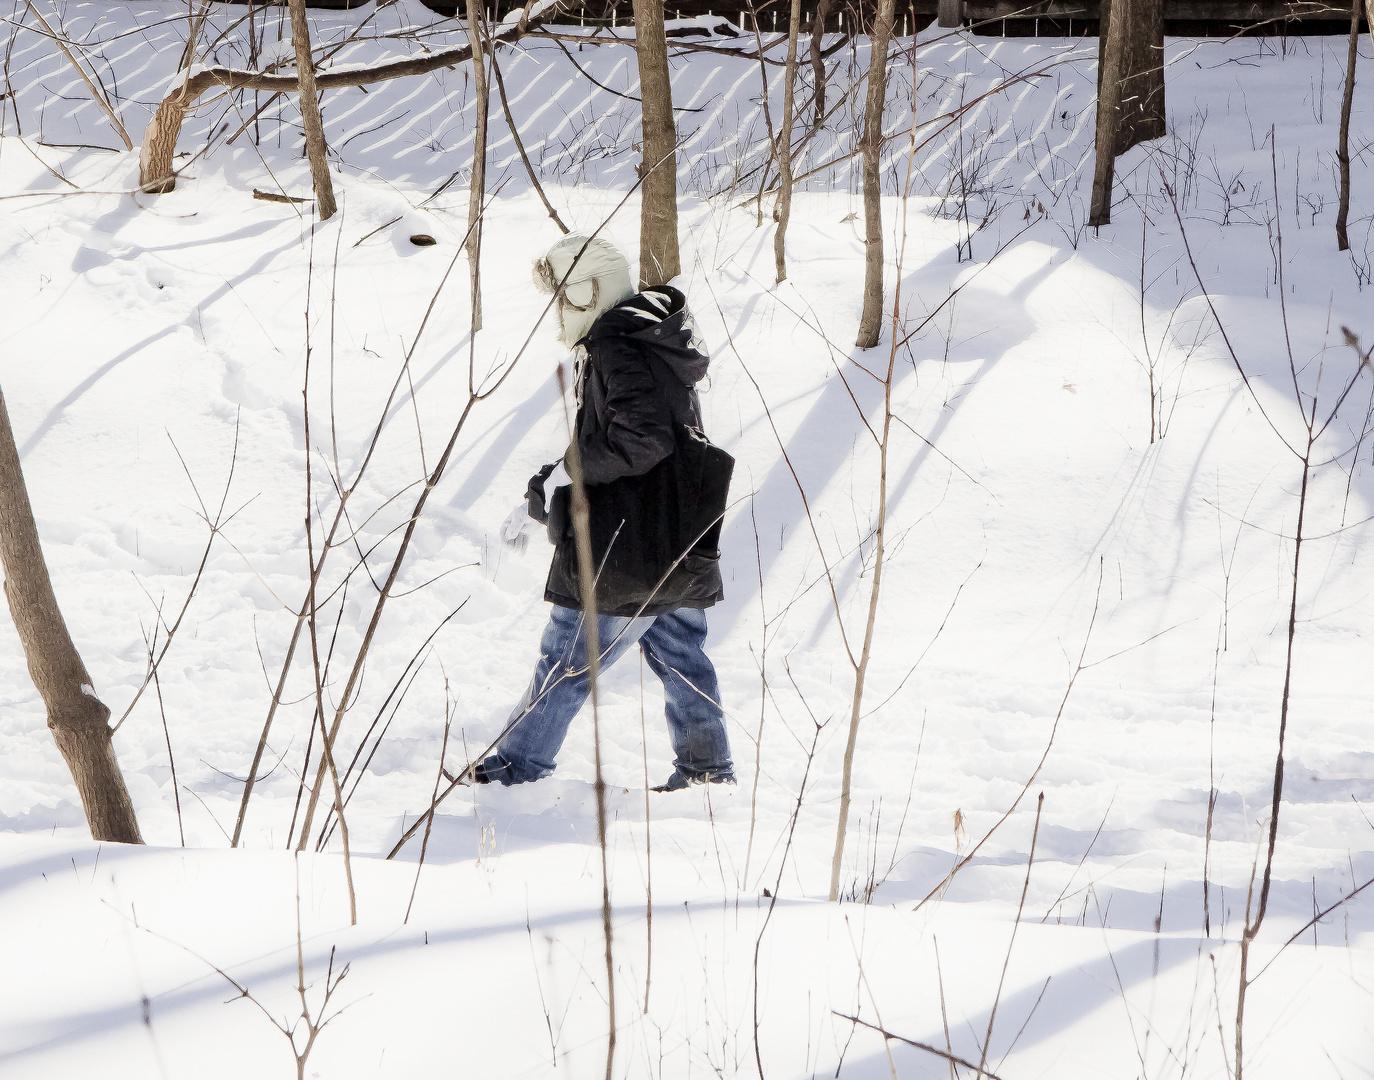 SPRINGTIME WALK - TORONTO - CANADA